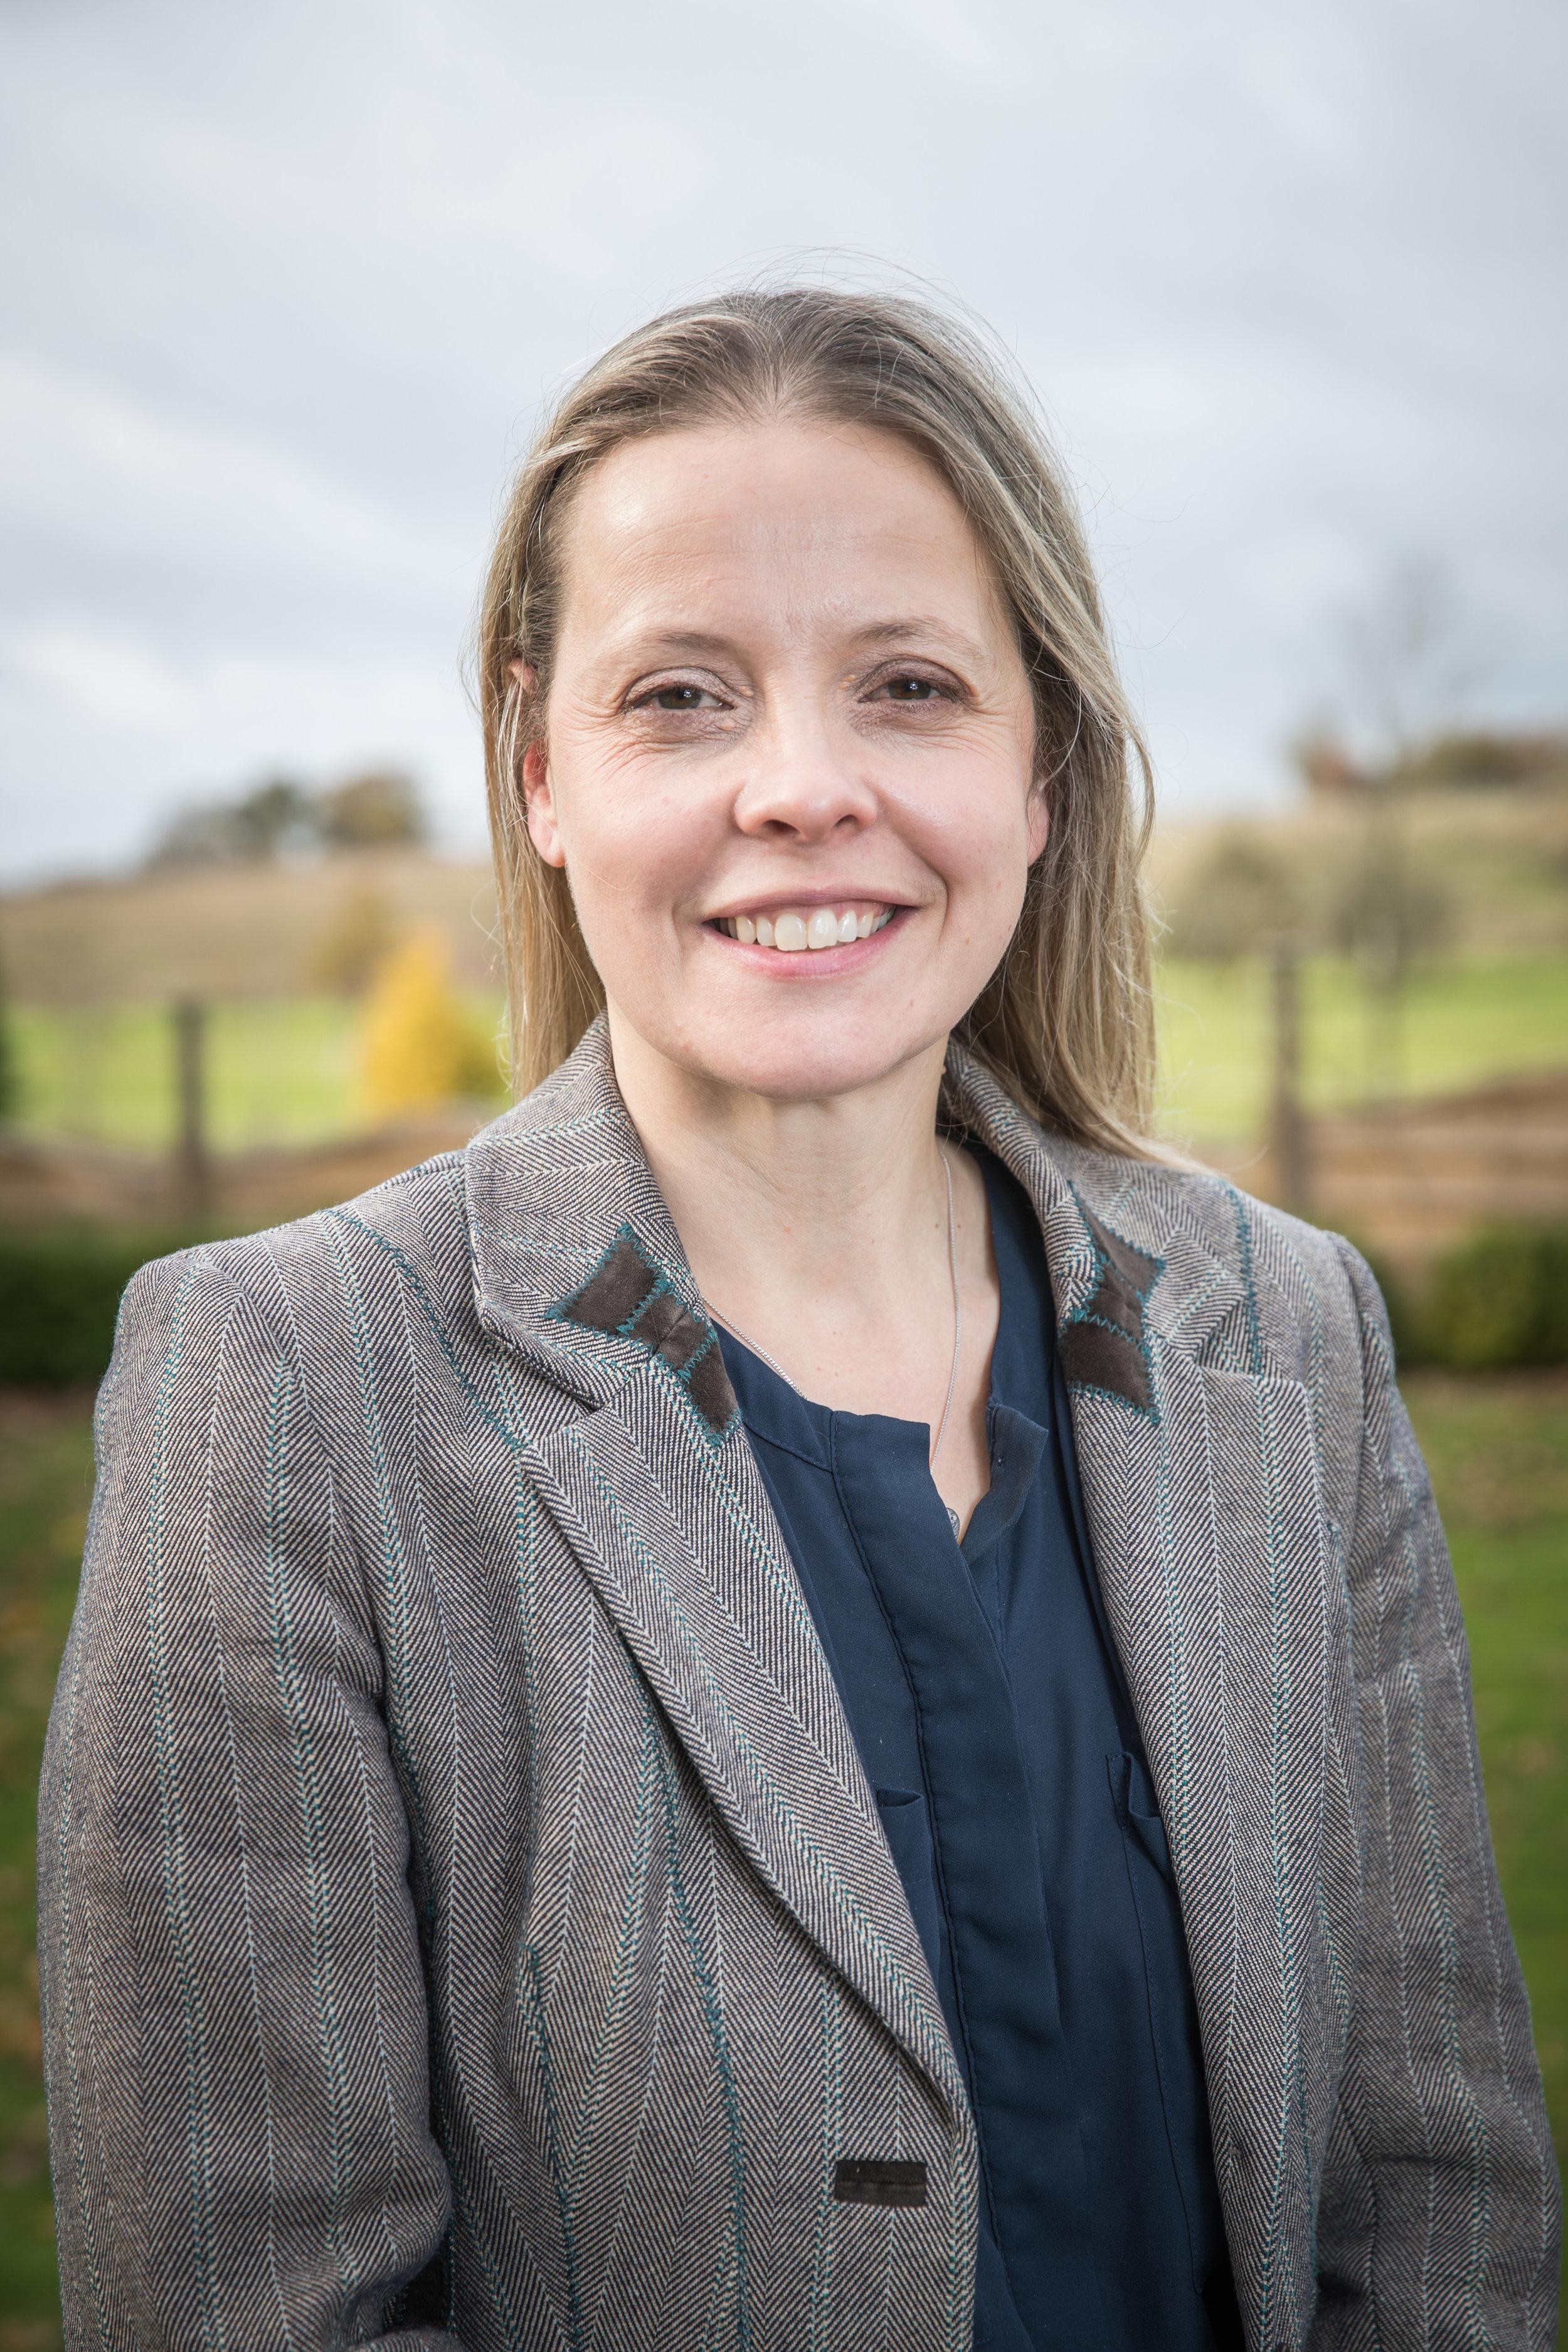 Jane Hunter BSc (Hons), ACILA, DIP CII, BDMA Ins Tech  Loss Adjuster - Agricultural, Rural Industries & Estates Losses (ARIEL) Craford & Company Adjusters (UK) Ltd